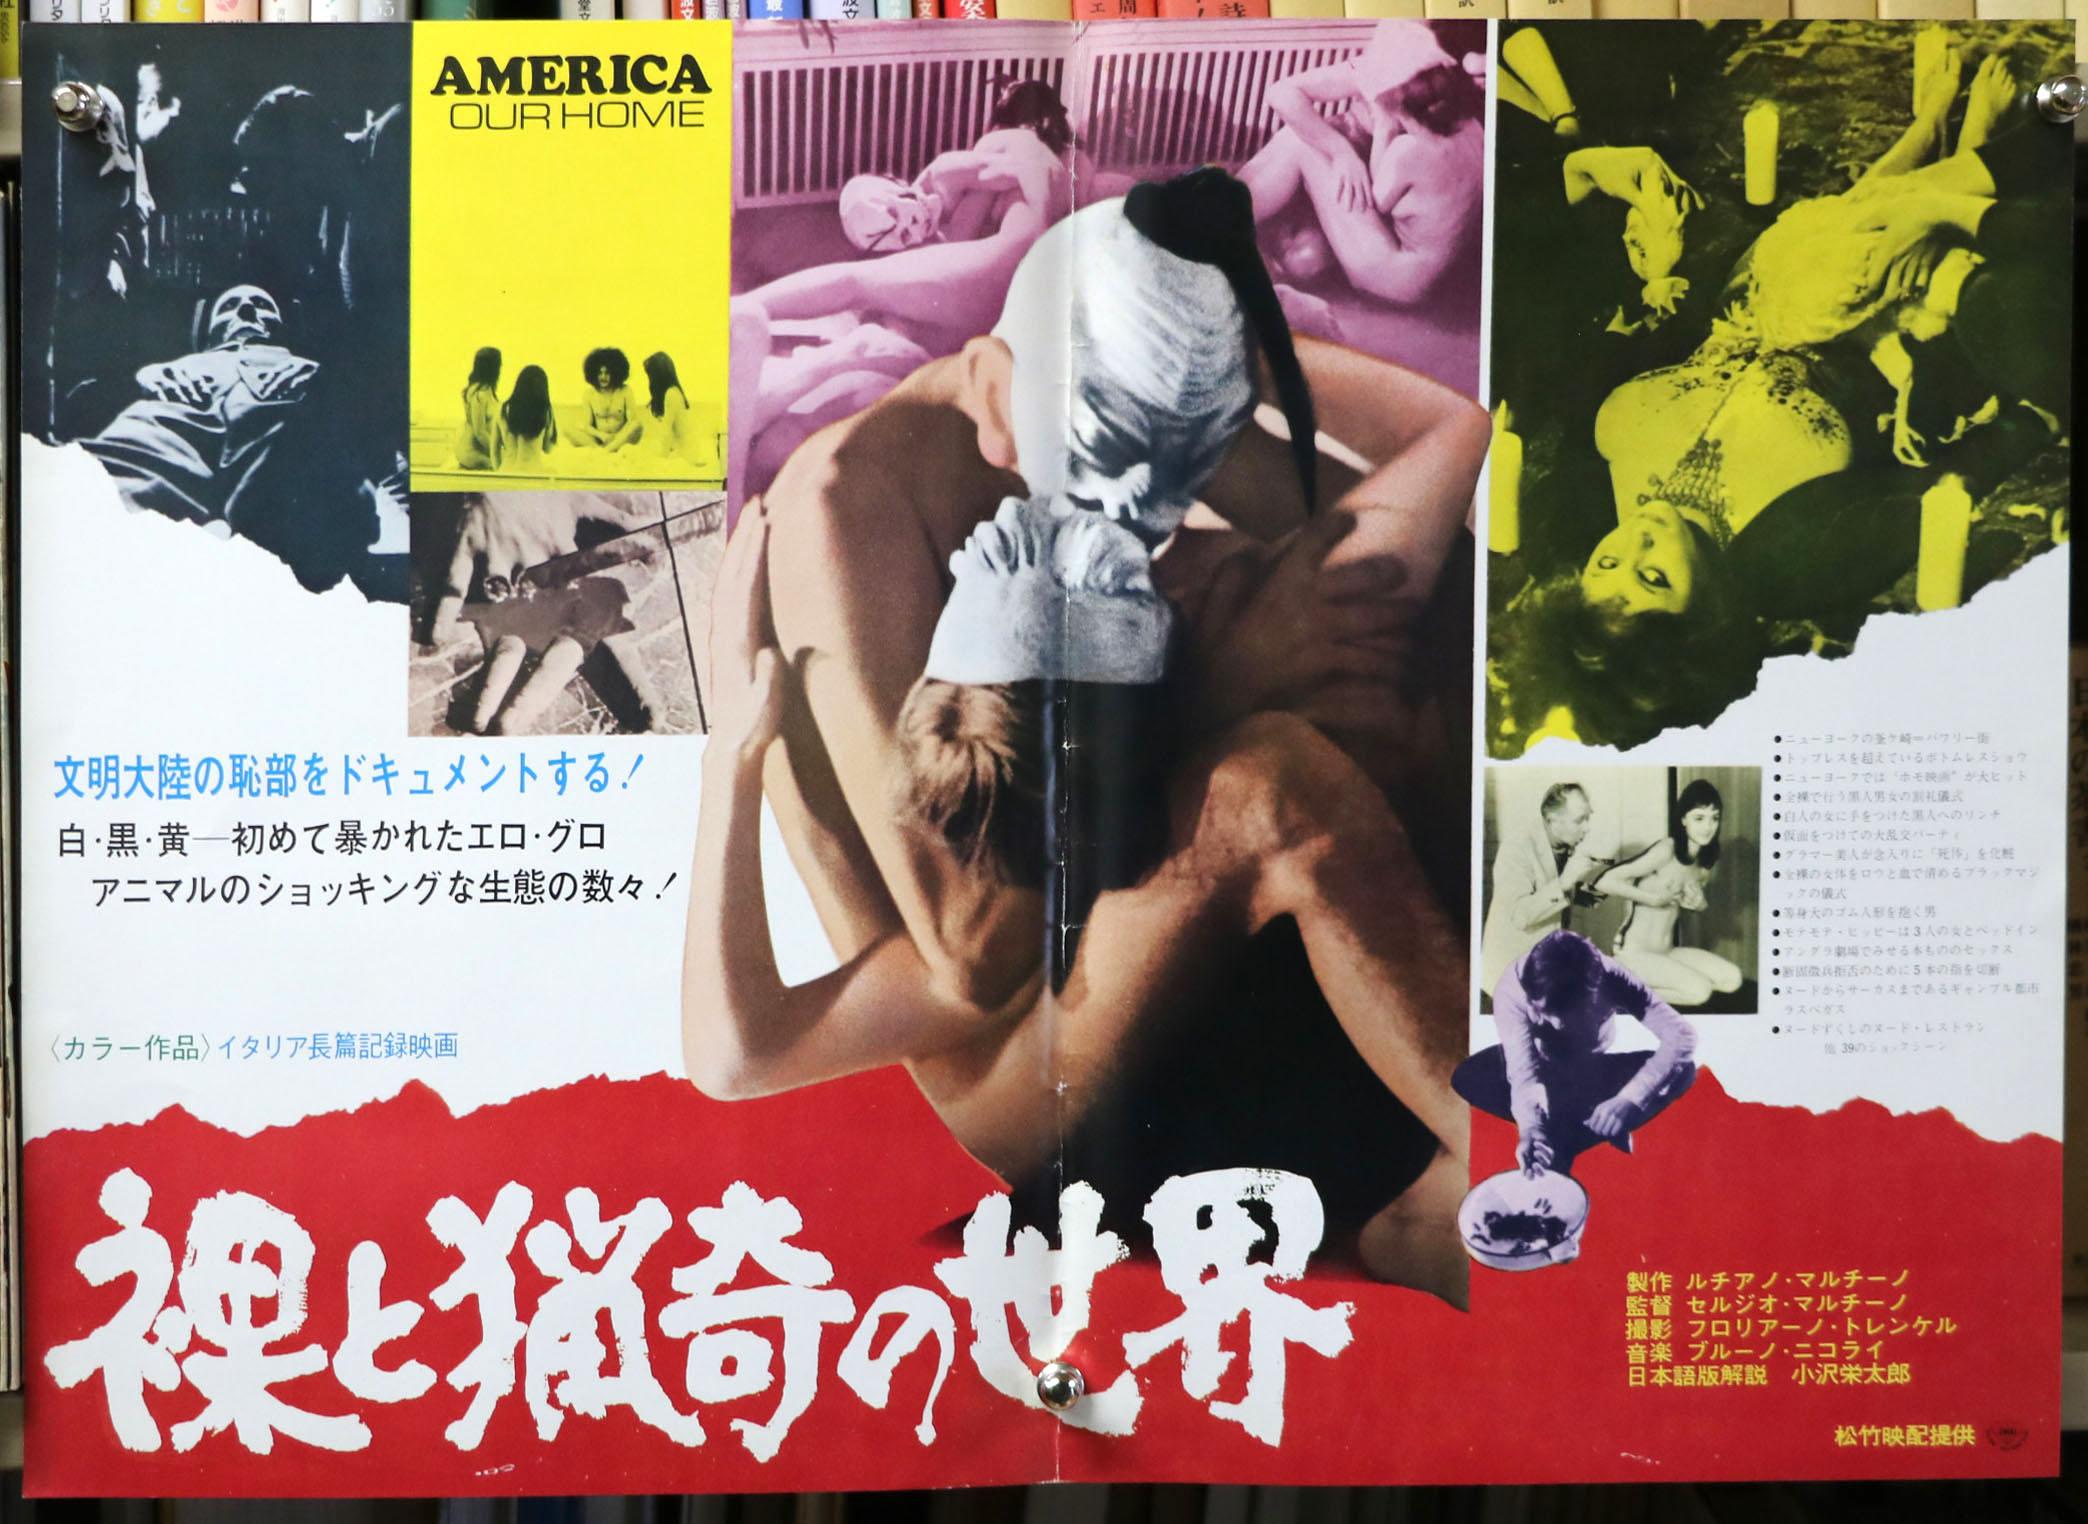 【プレスシート】裸と猟奇の世界